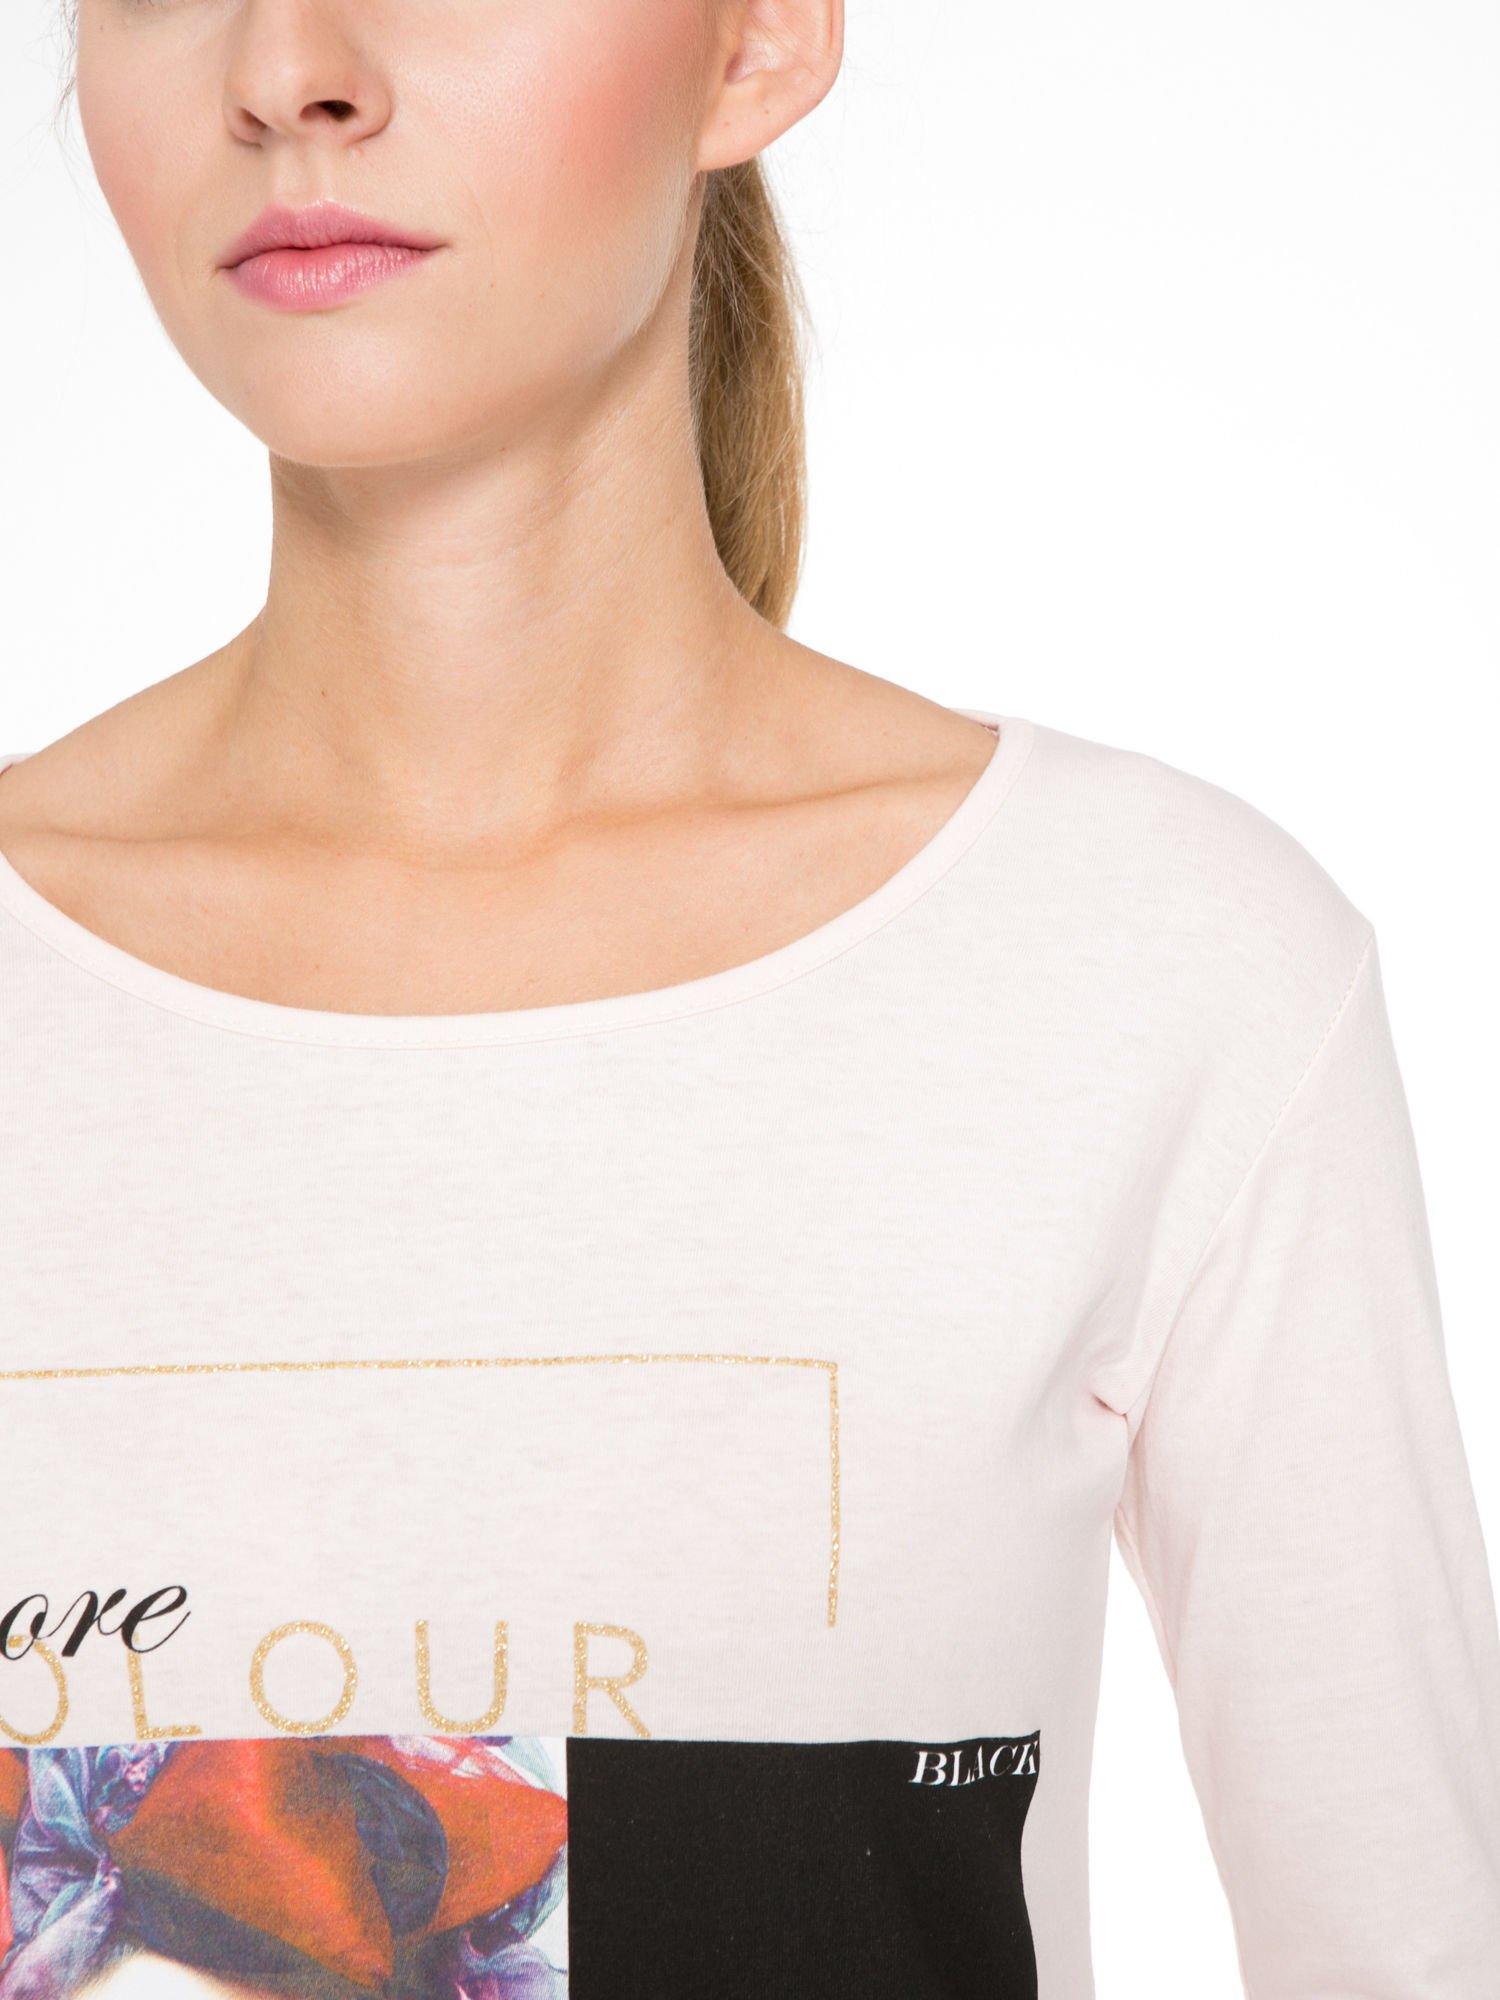 Jasnoróżowa bluzka z nadrukiem fashion i napisem MORE COLOUR                                  zdj.                                  6